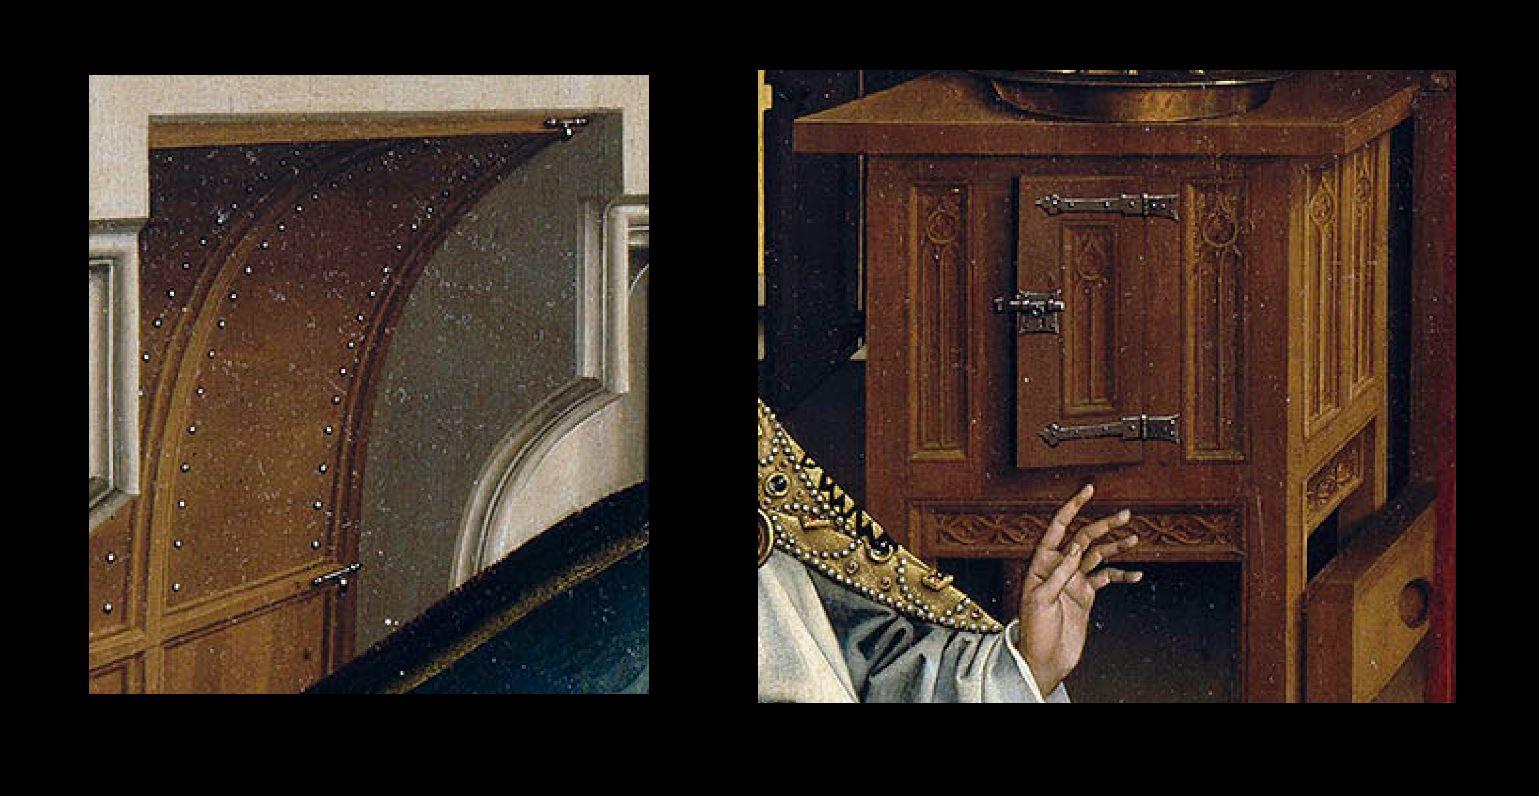 van der weyden 1434 ca annonciation Louvre verrous